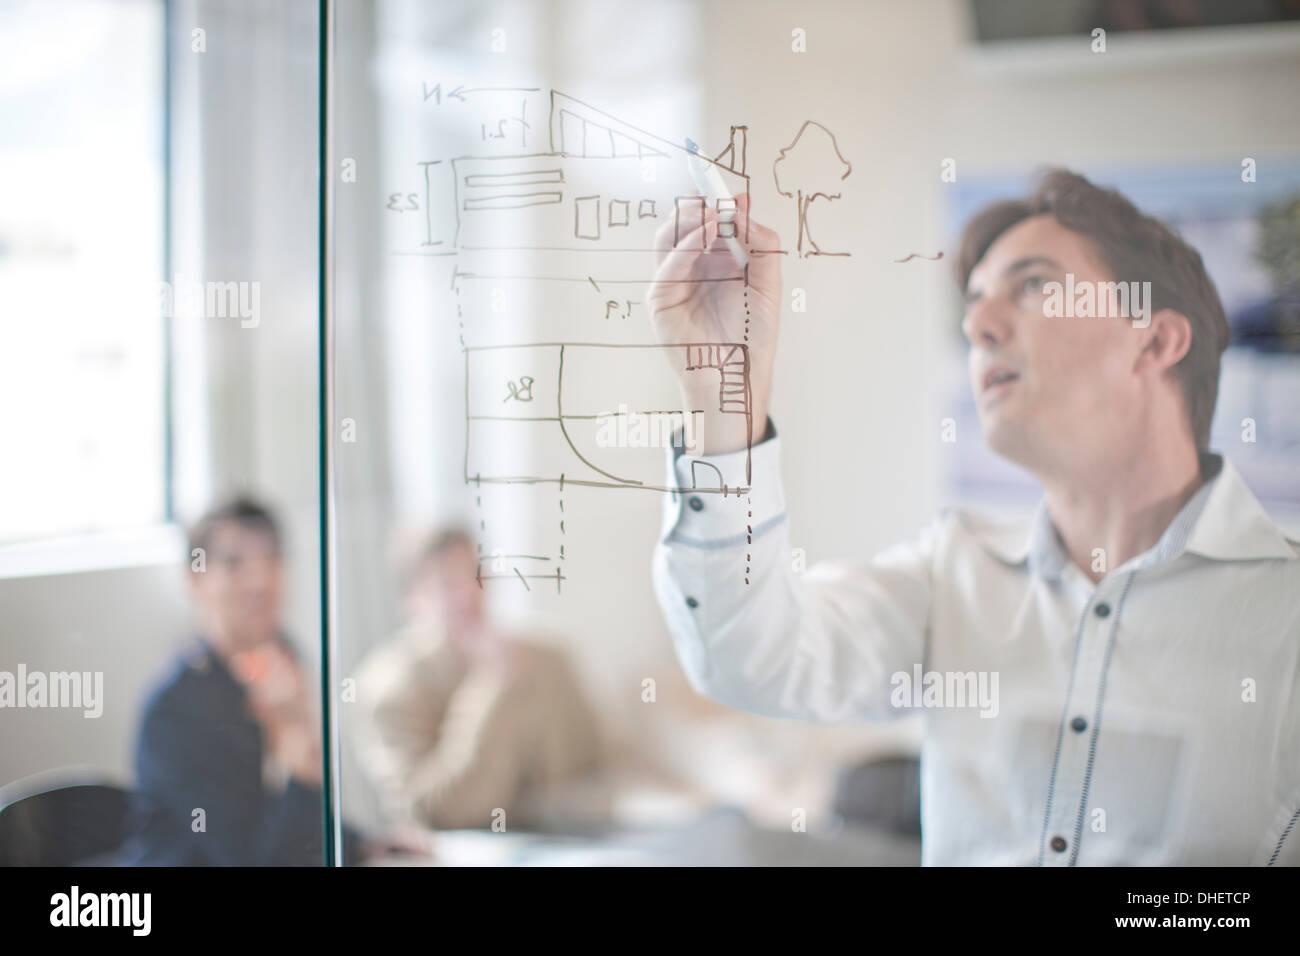 Uomo di disegno piani architettonici sulla parete di vetro, i colleghi in background Immagini Stock